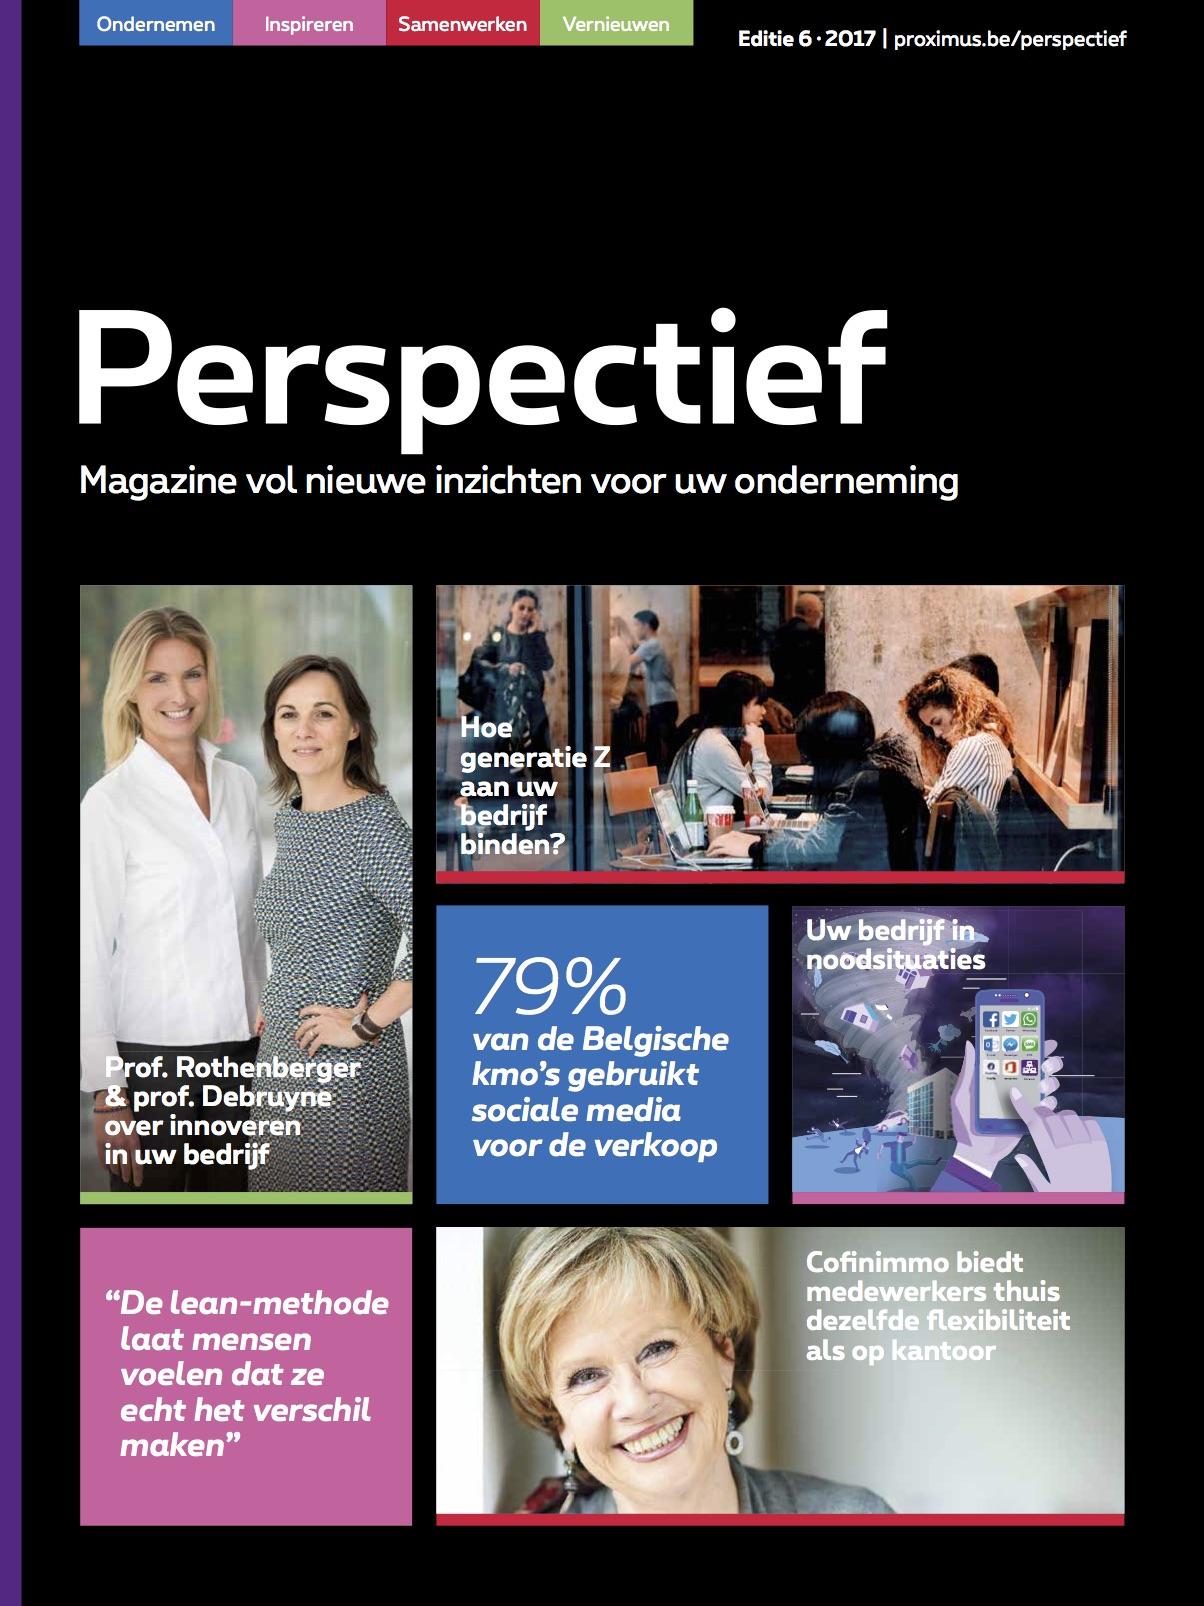 Proximus Perspectief - B2B magazine van Proximus gericht op bedrijfsleiders van kmo's. Redactie en interviews met bedrijfsleiders en experts in innovatie.